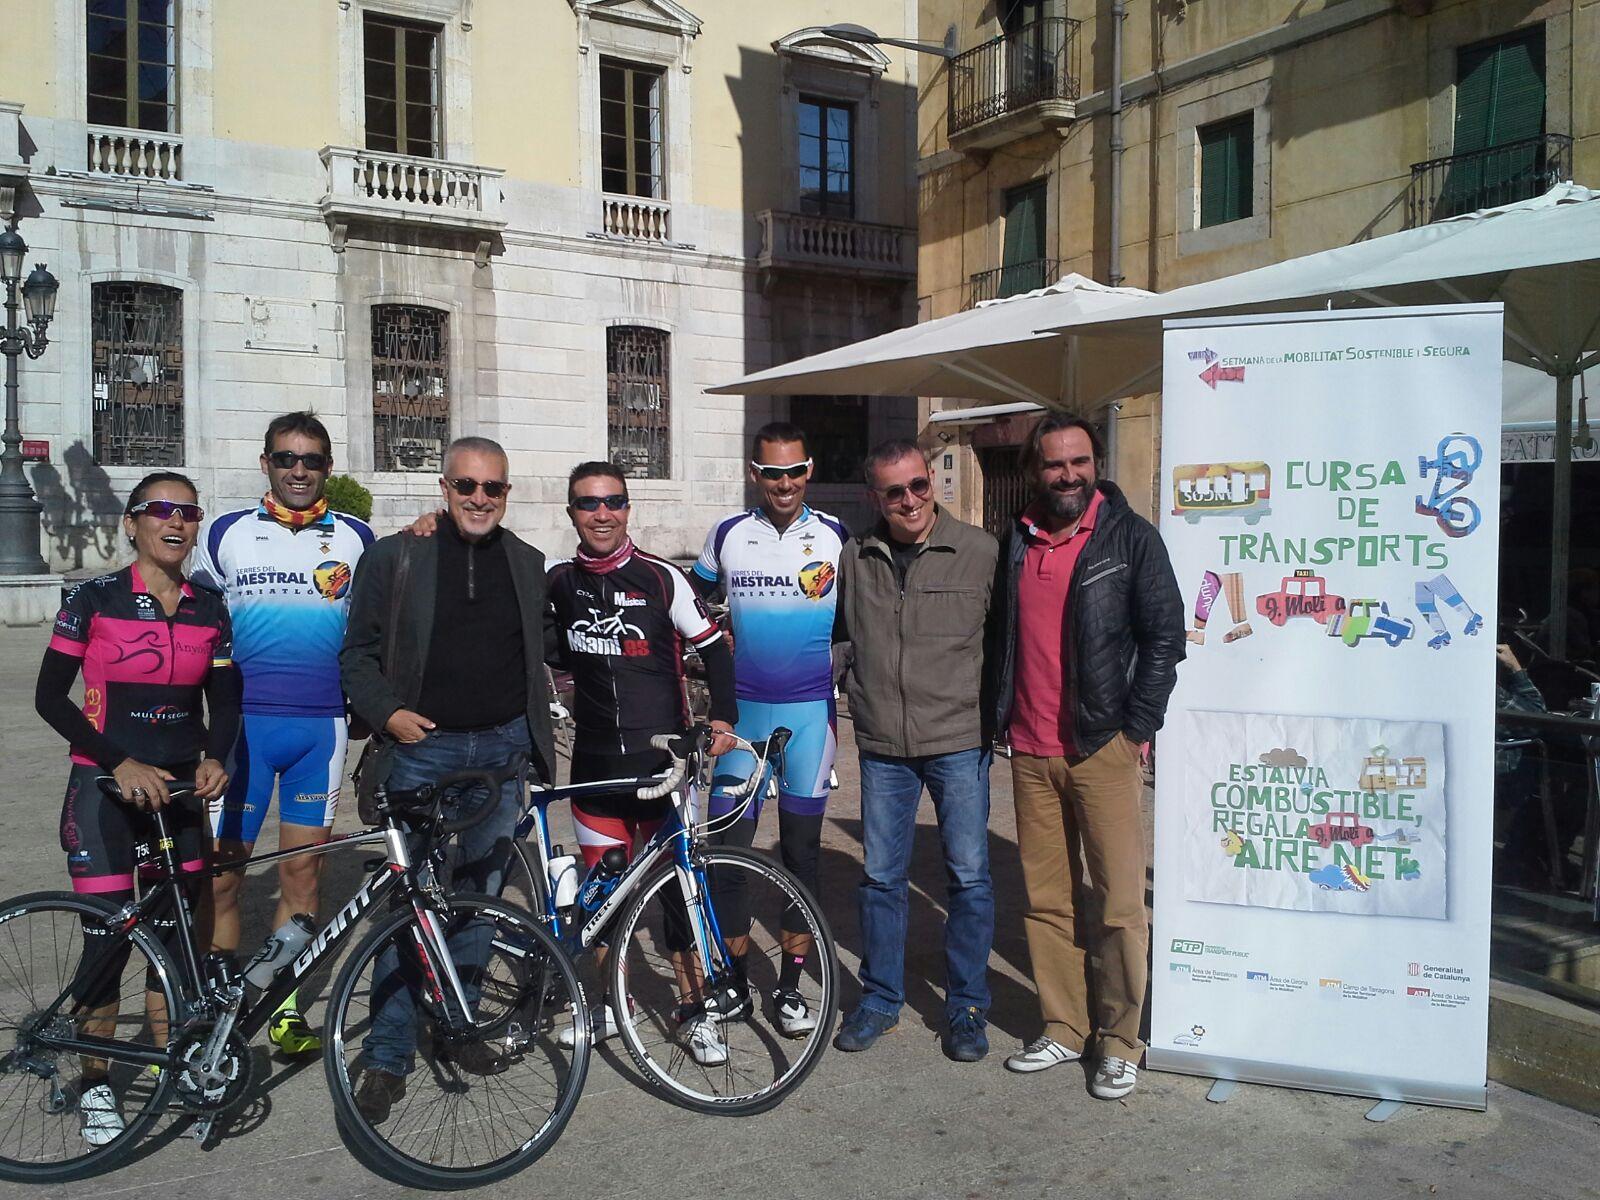 Mont-roig del Camp participa a la Cursa de Transports 2015